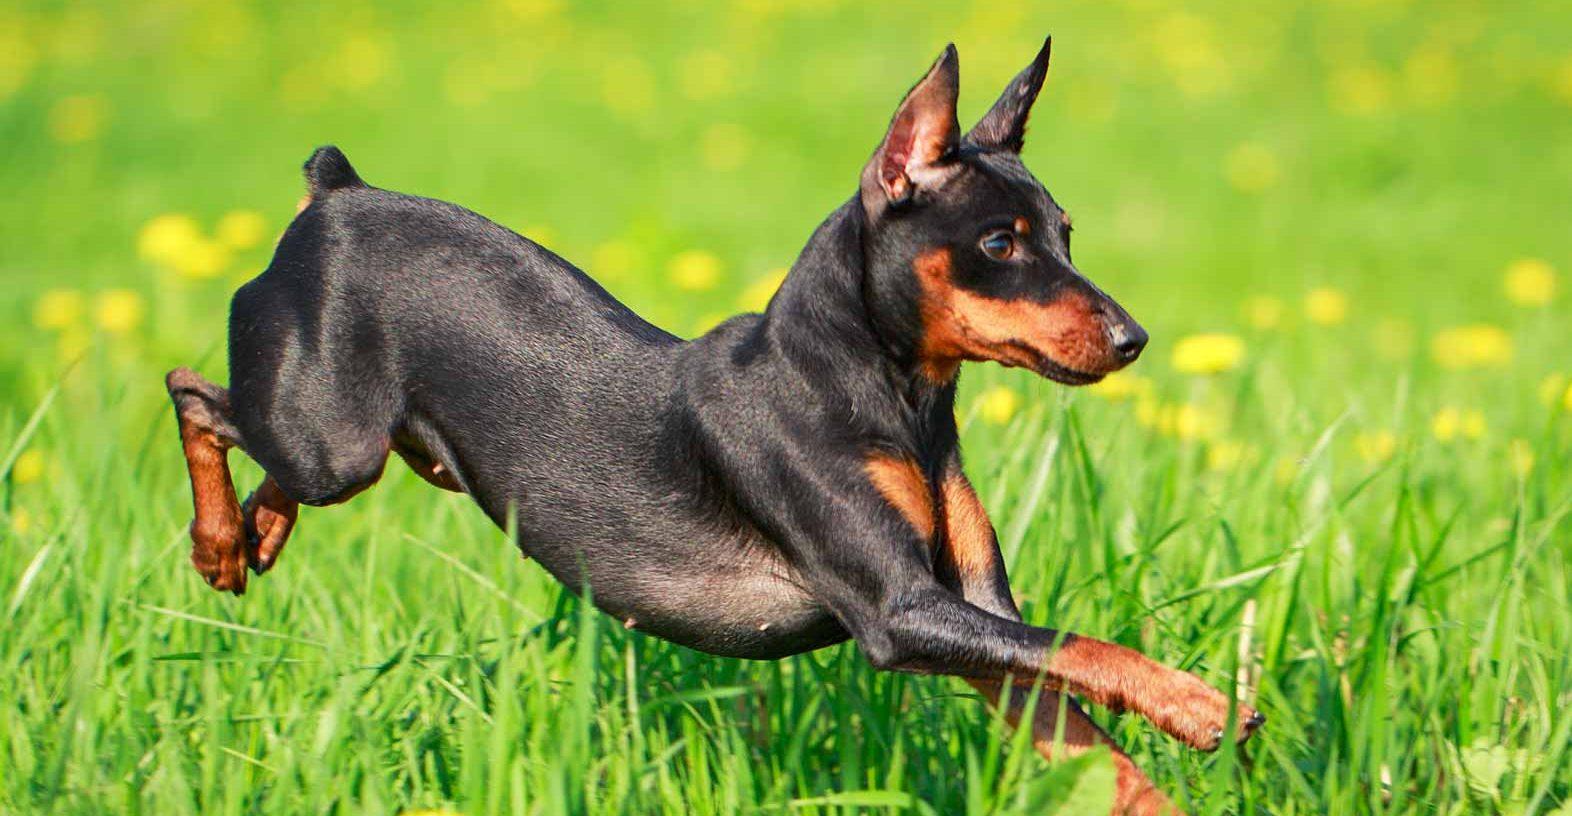 Hình ảnh chó Phốc cực đẹp